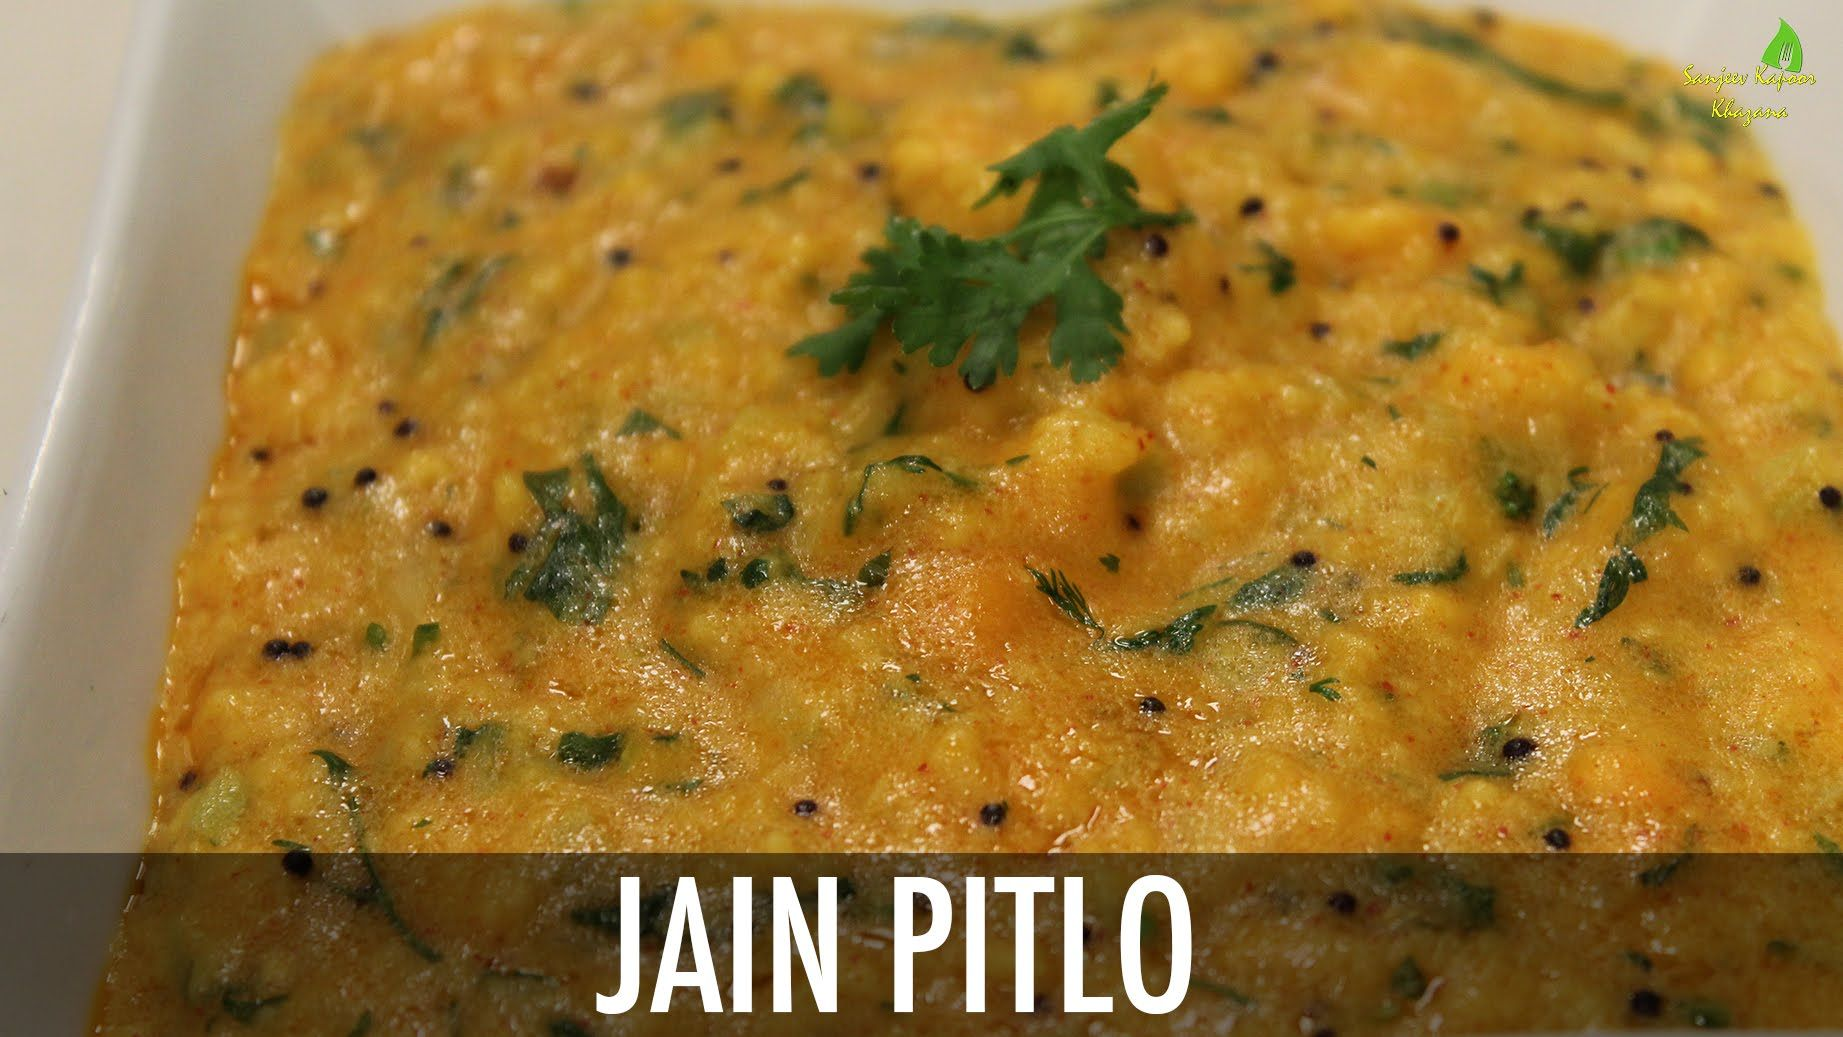 Jain pitlo indian recipe sanjeev kapoor khazana yumm ix jain pitlo indian recipe sanjeev kapoor khazana forumfinder Gallery